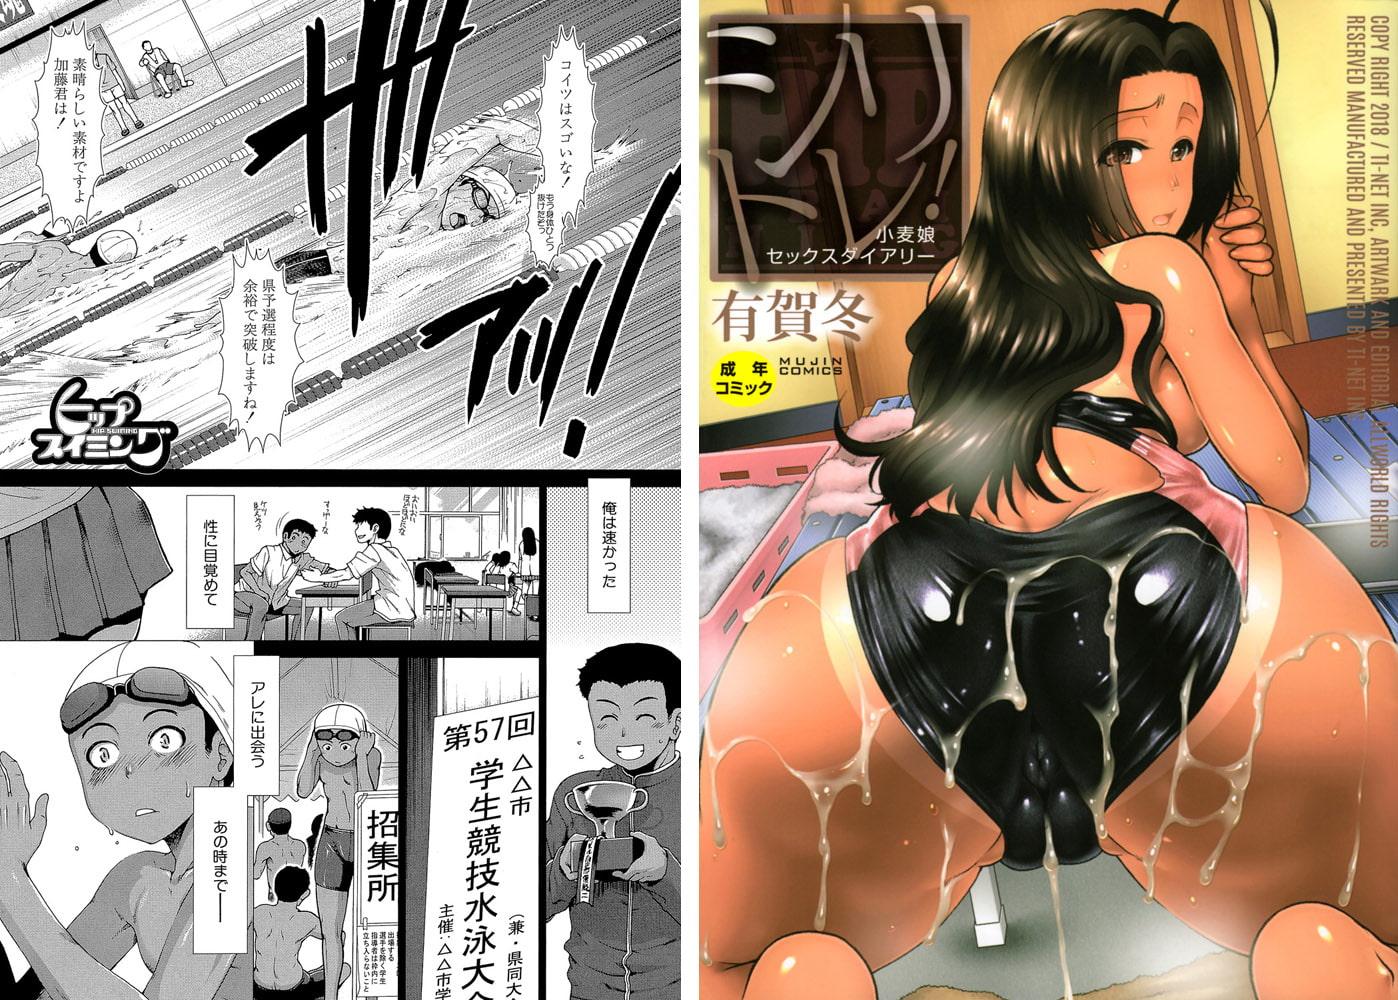 【ティーアイネット】有賀冬先生 2冊パック(202005)